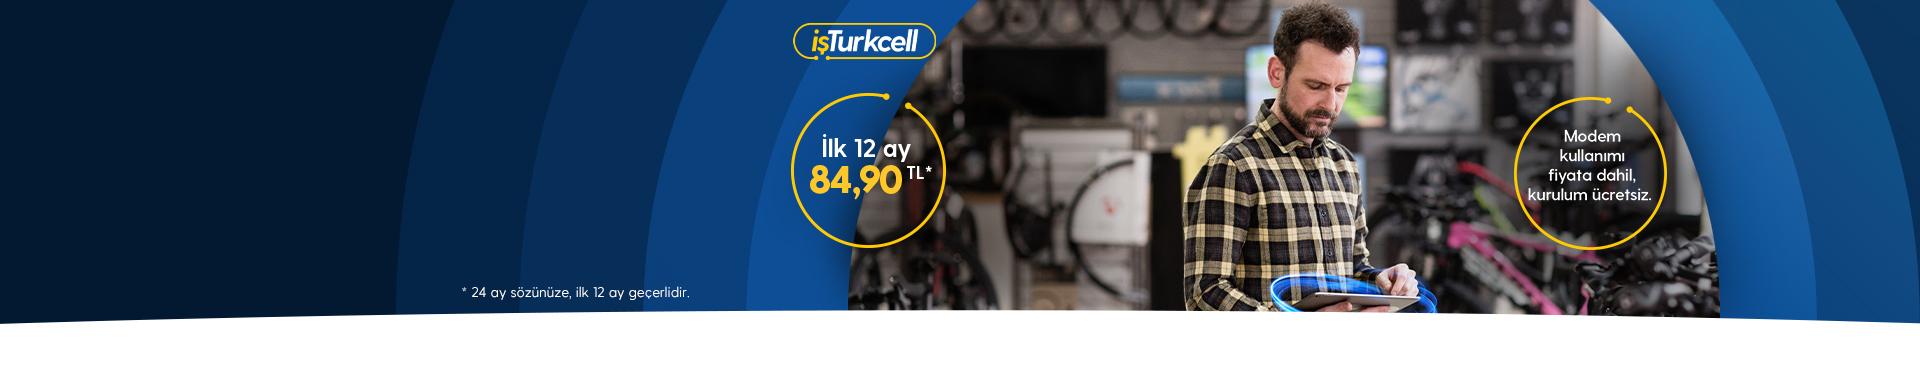 Limitsiz fiber internet Turkcell'de!